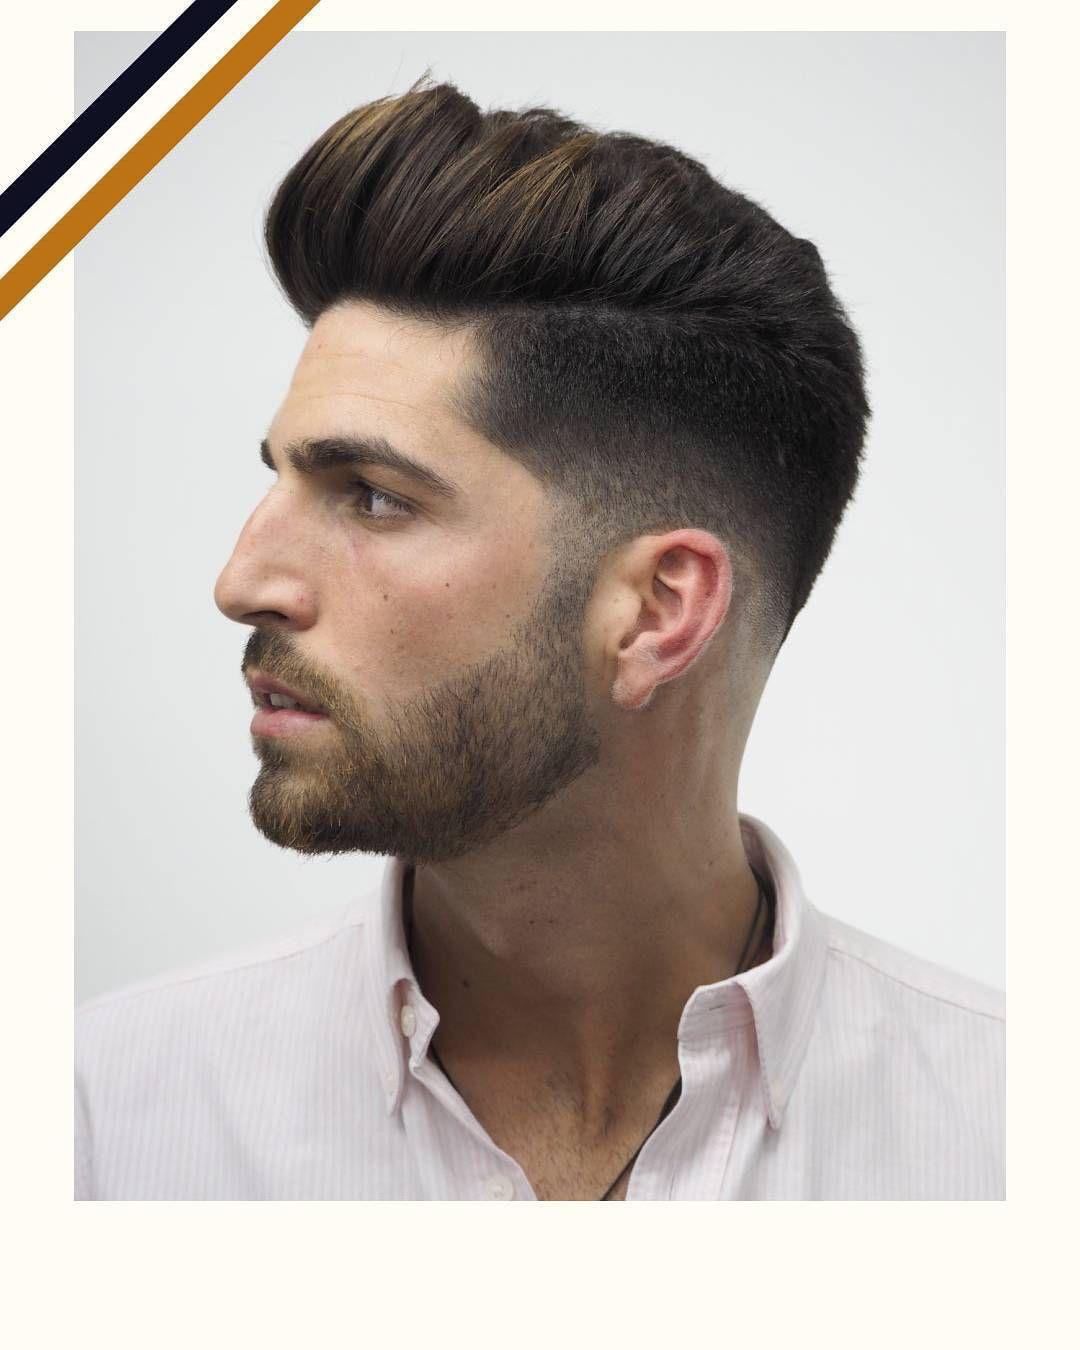 Classic Pompadour Hairstyles Pompadour Hairstyle Pompadour Men Modern Pompadour